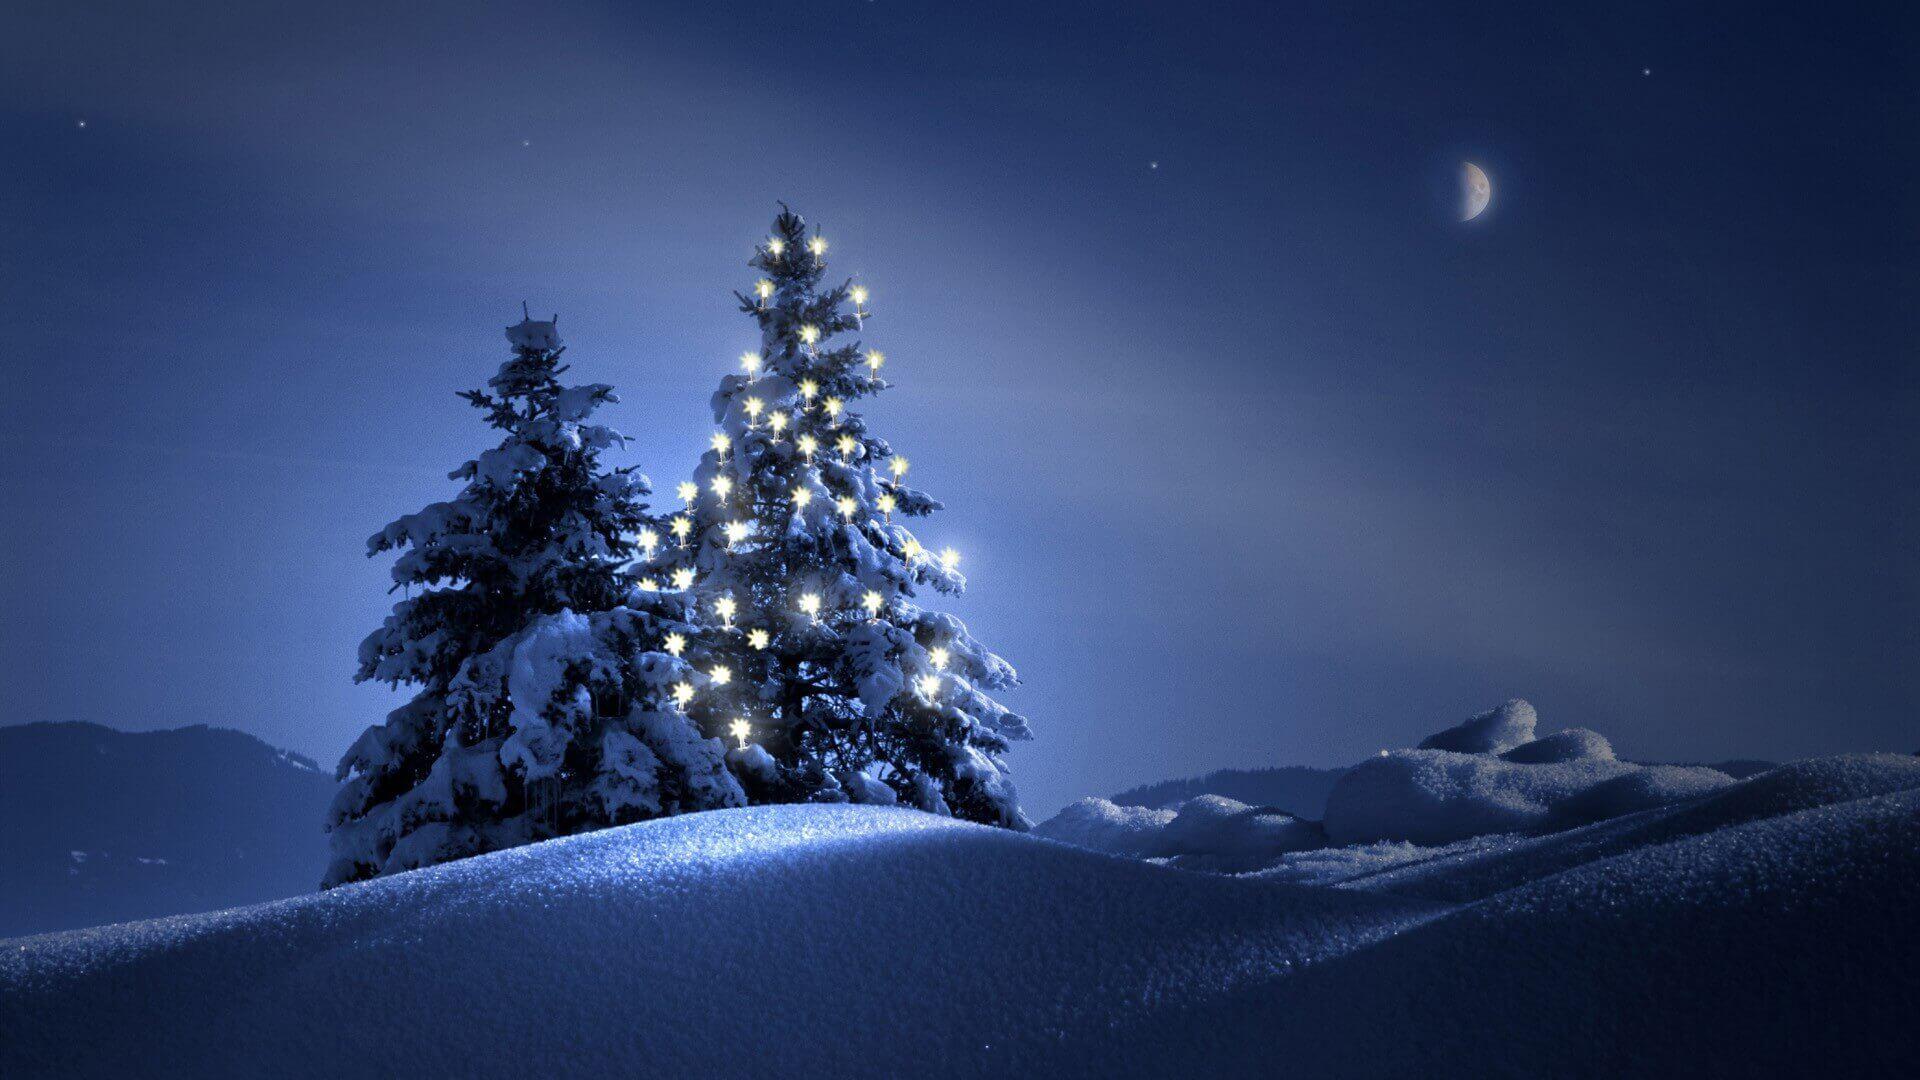 проектировании картинки на рабочий стол зима елка на весь экран рождения самый